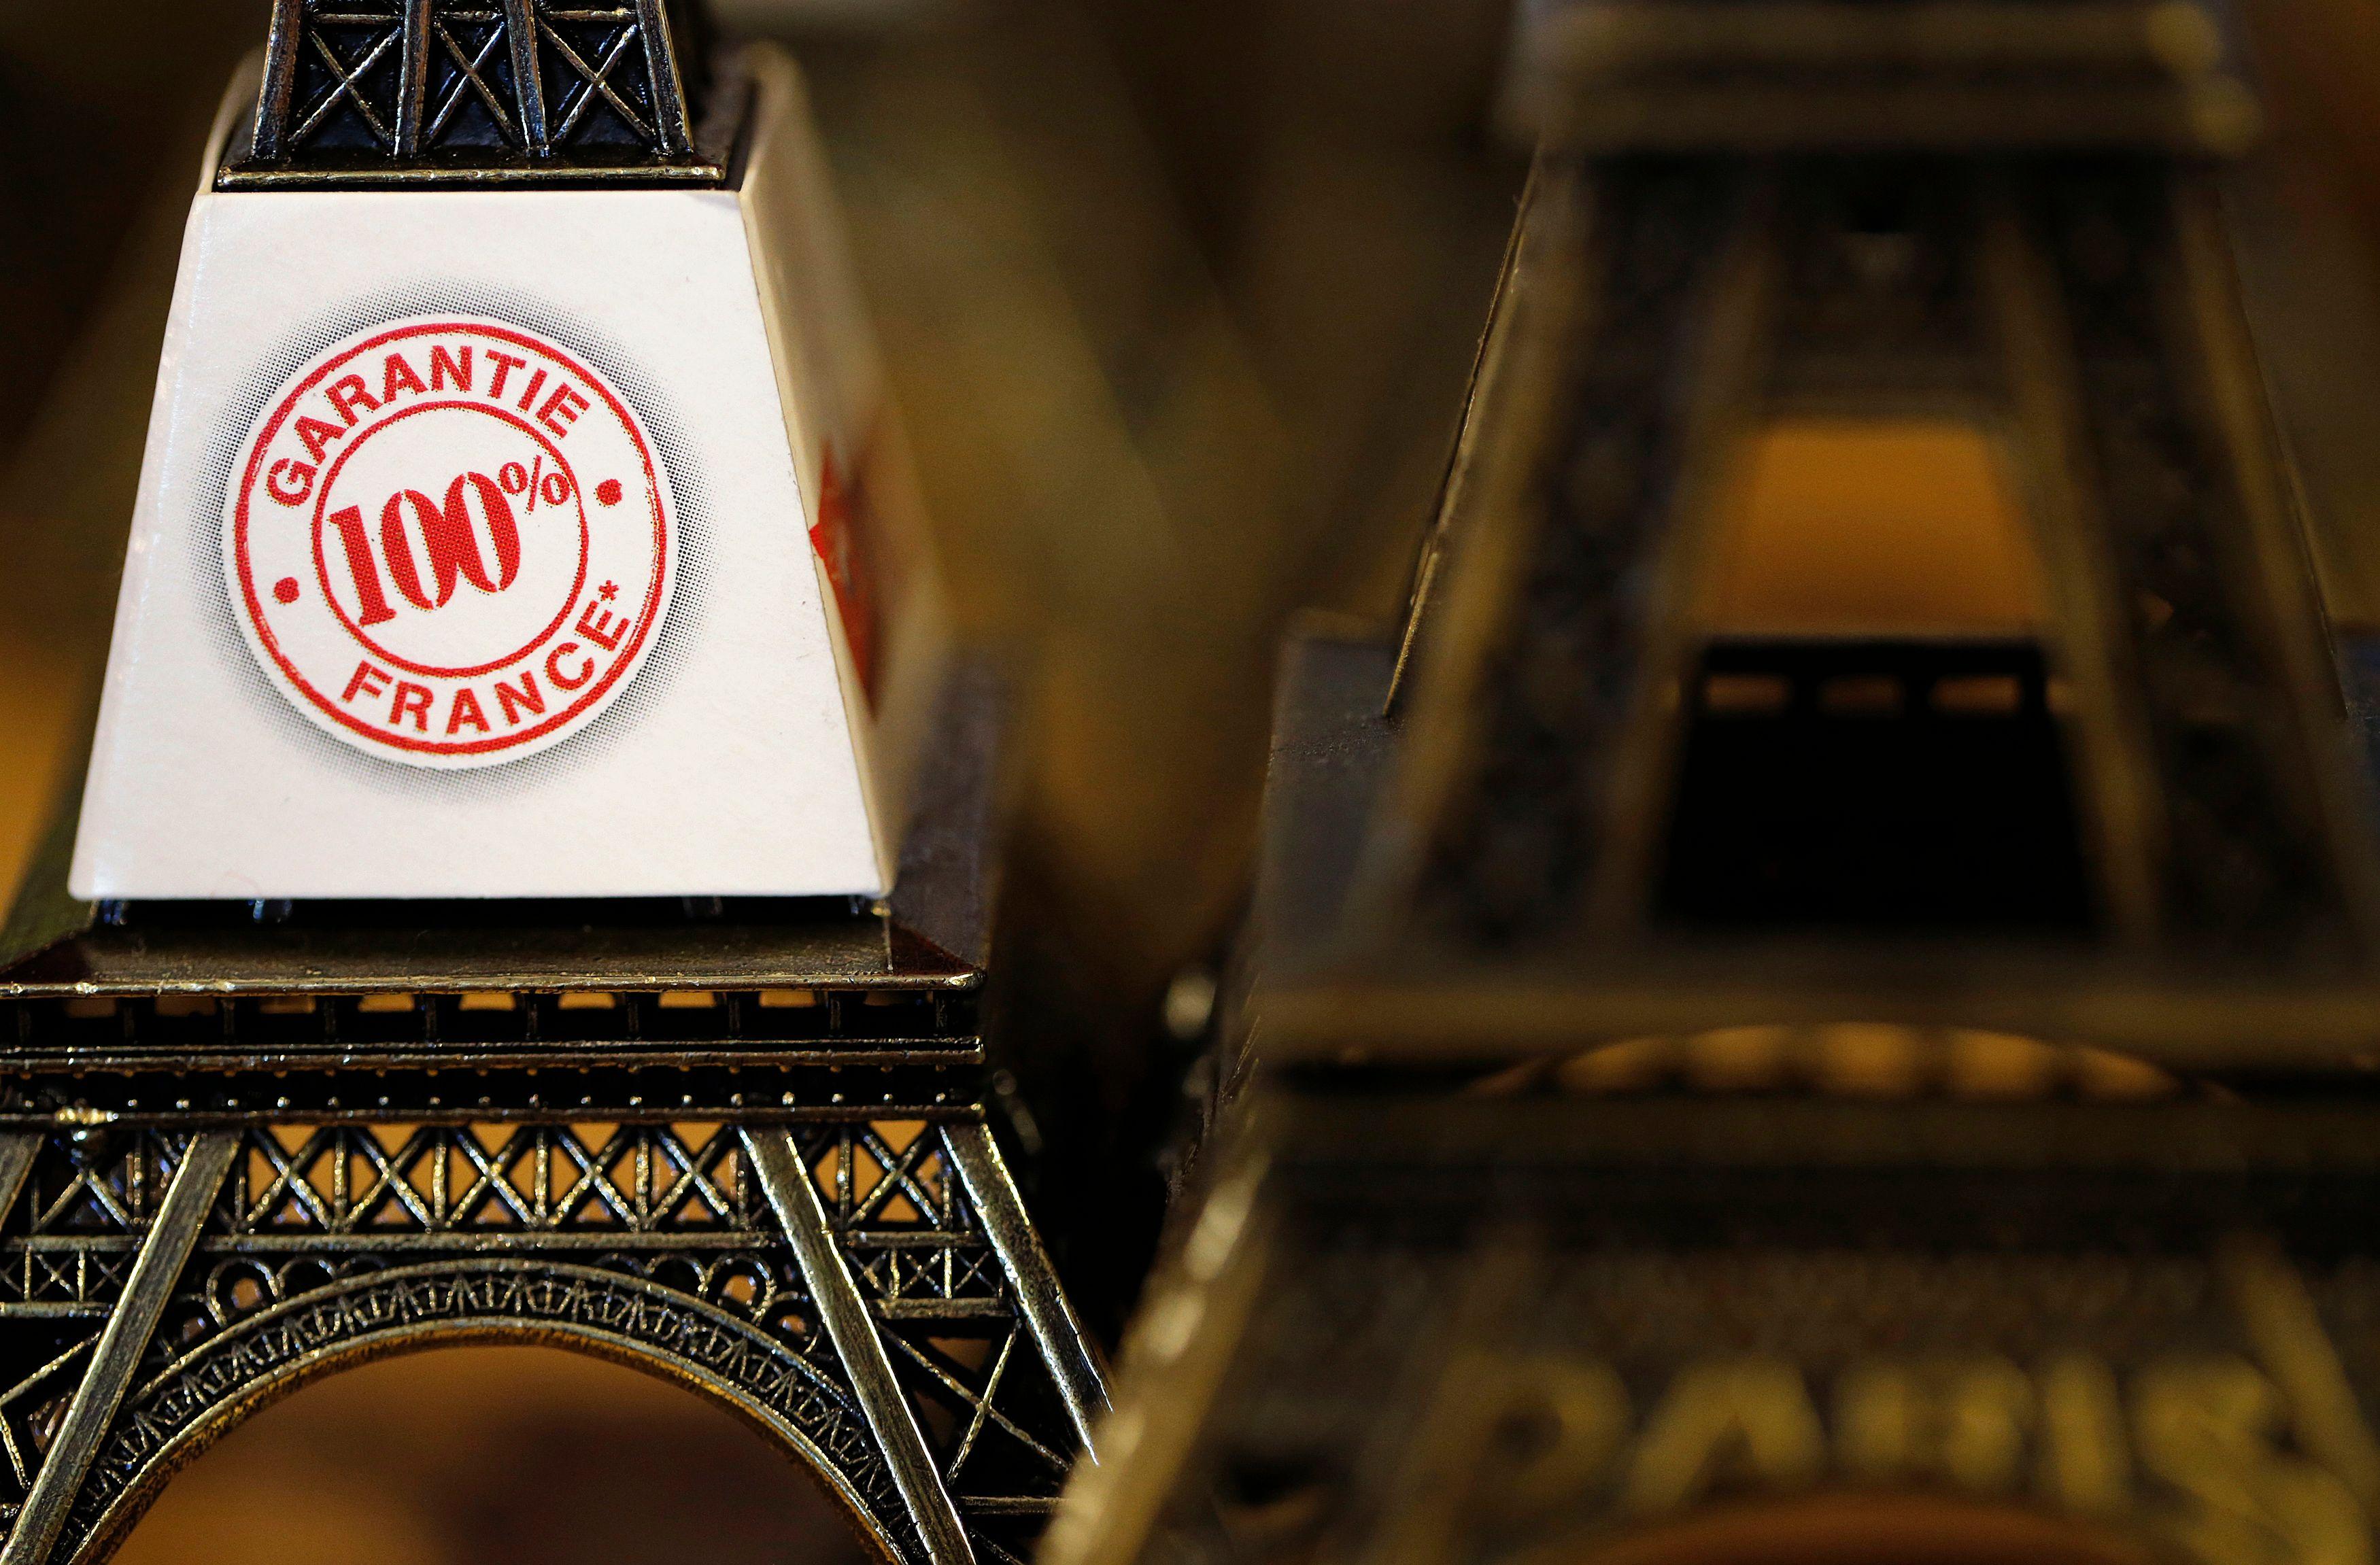 Produire en France : là où ça peut marcher, là où ça relève du gadget marketing, là où c'est contre-productif